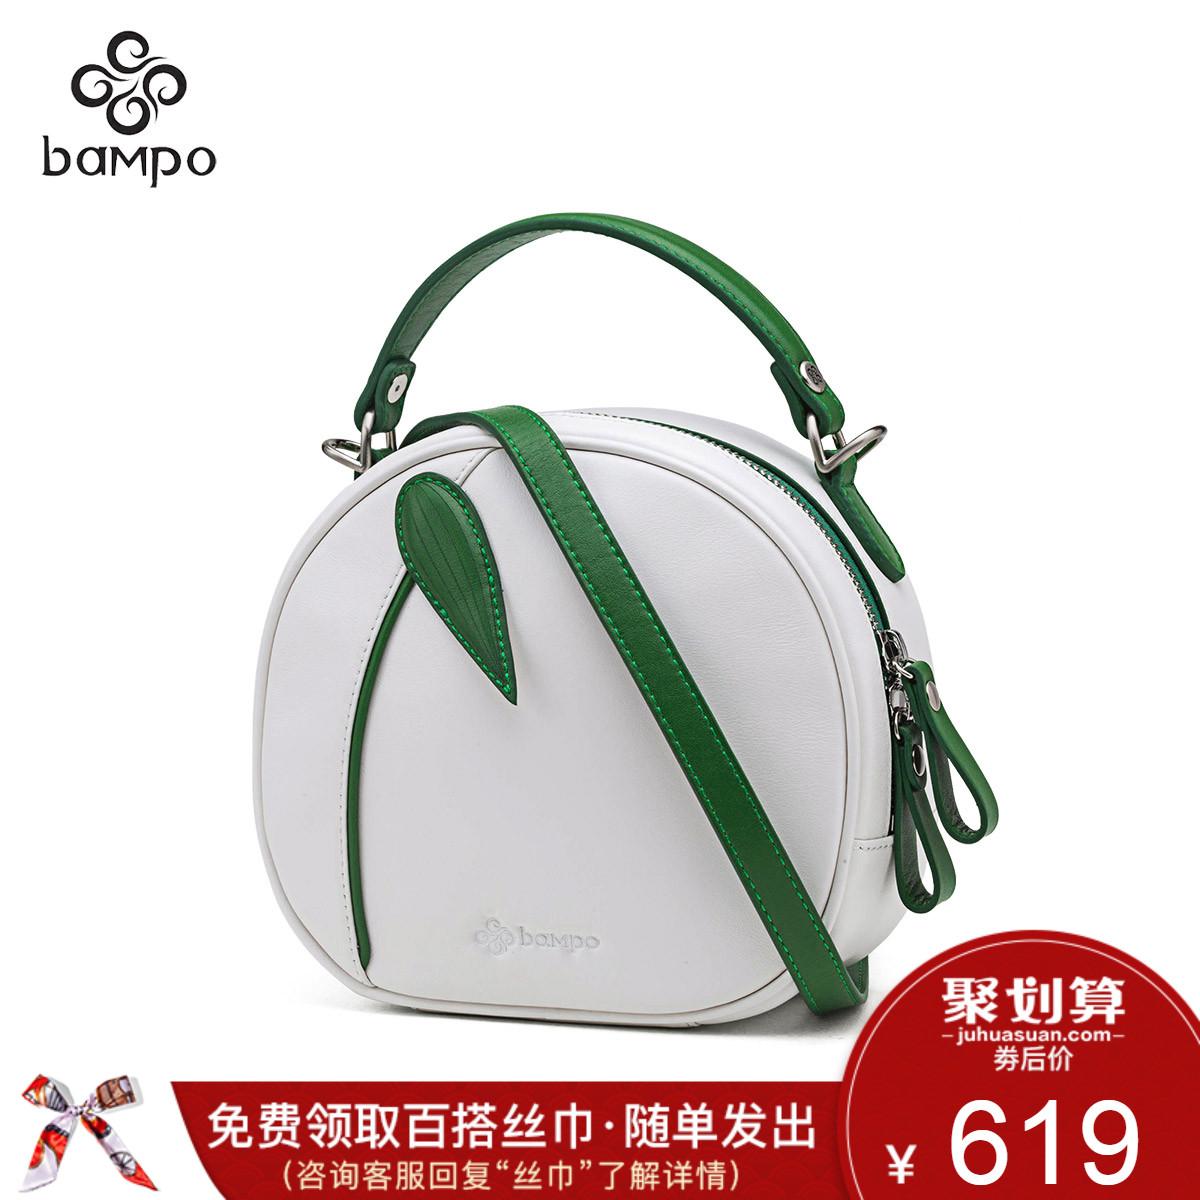 半坡白色包包新款半圆手提包真皮复古洋气小圆包森系单肩斜挎包女